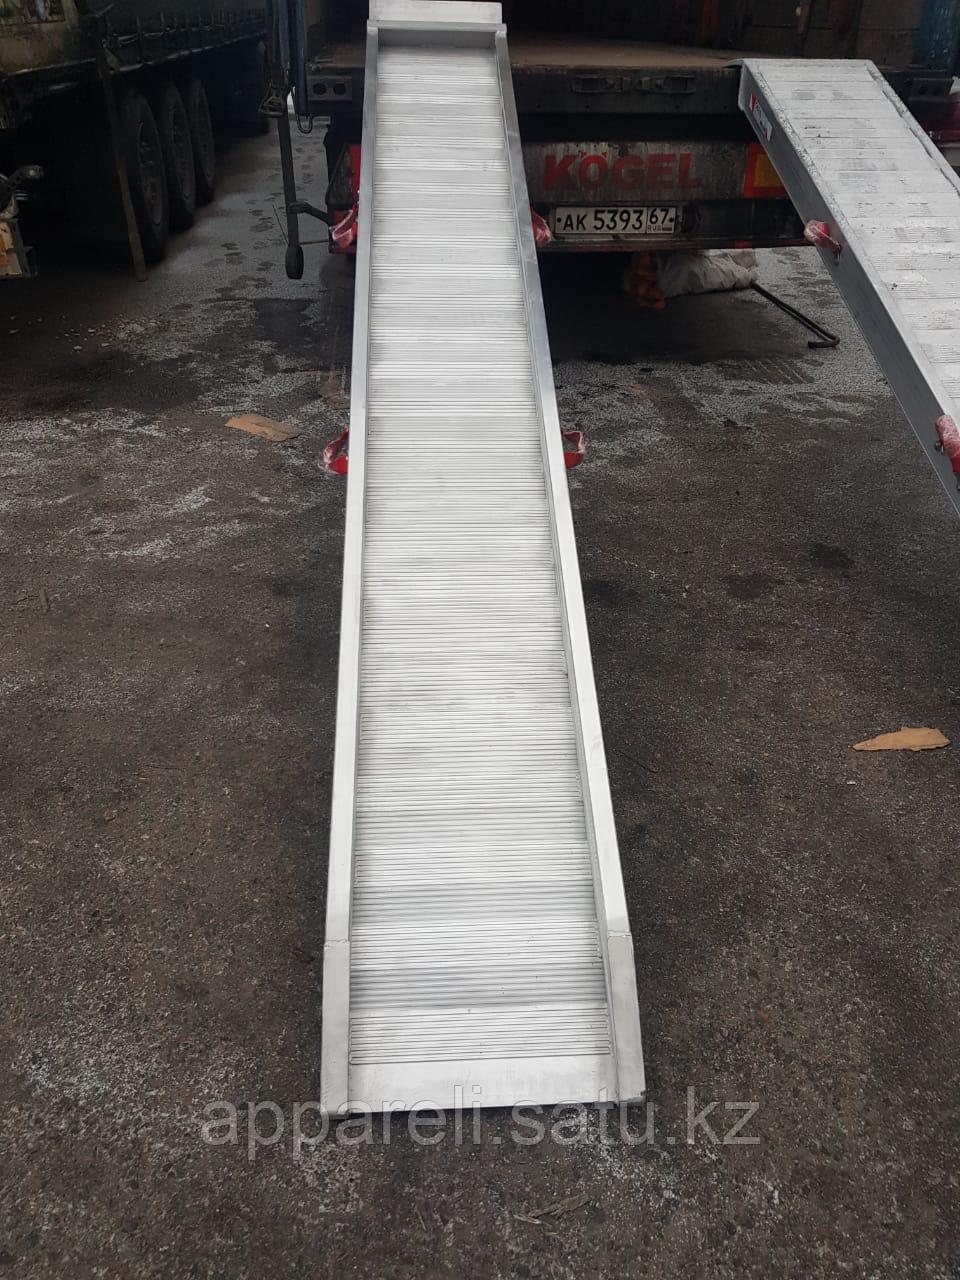 Алюминиевые сходни от производителя (трап, аппарель) 7,5 тонн без бортов